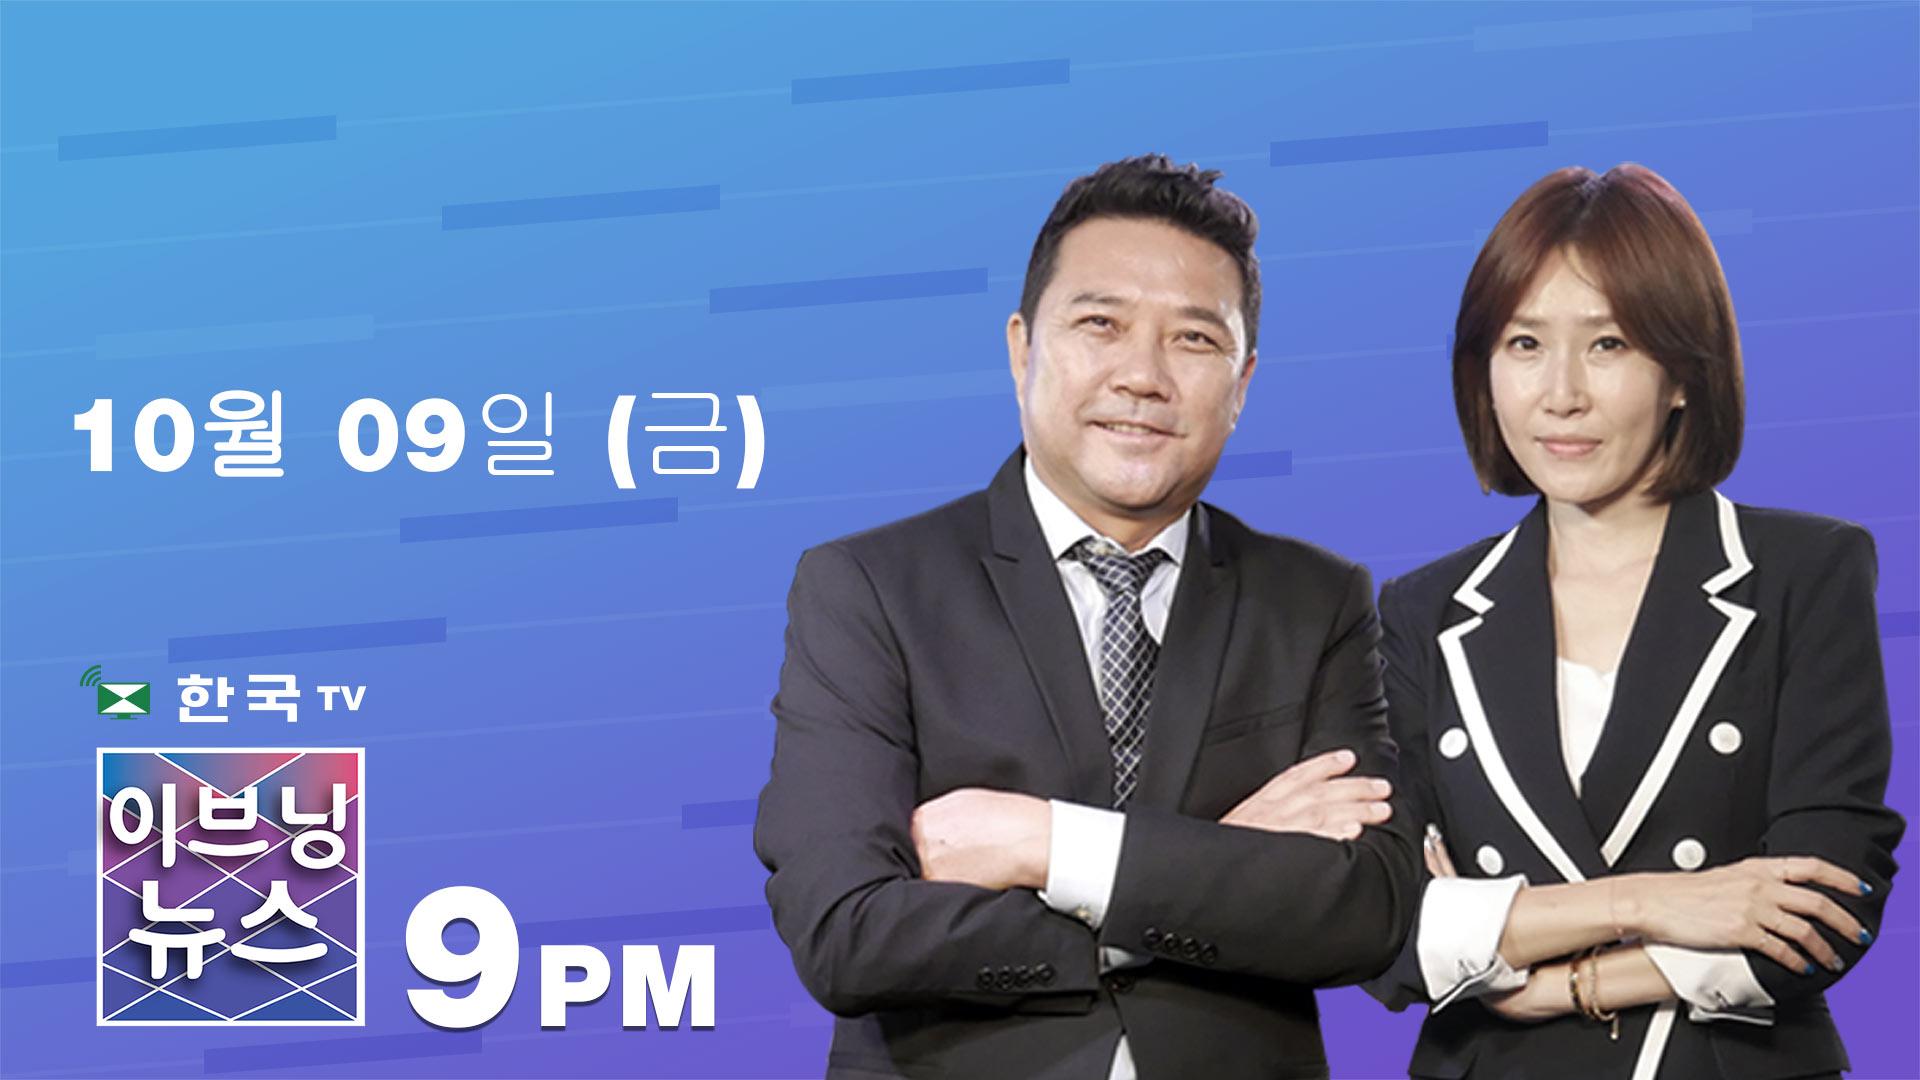 (10.09.2020) 한국TV 이브닝 뉴스